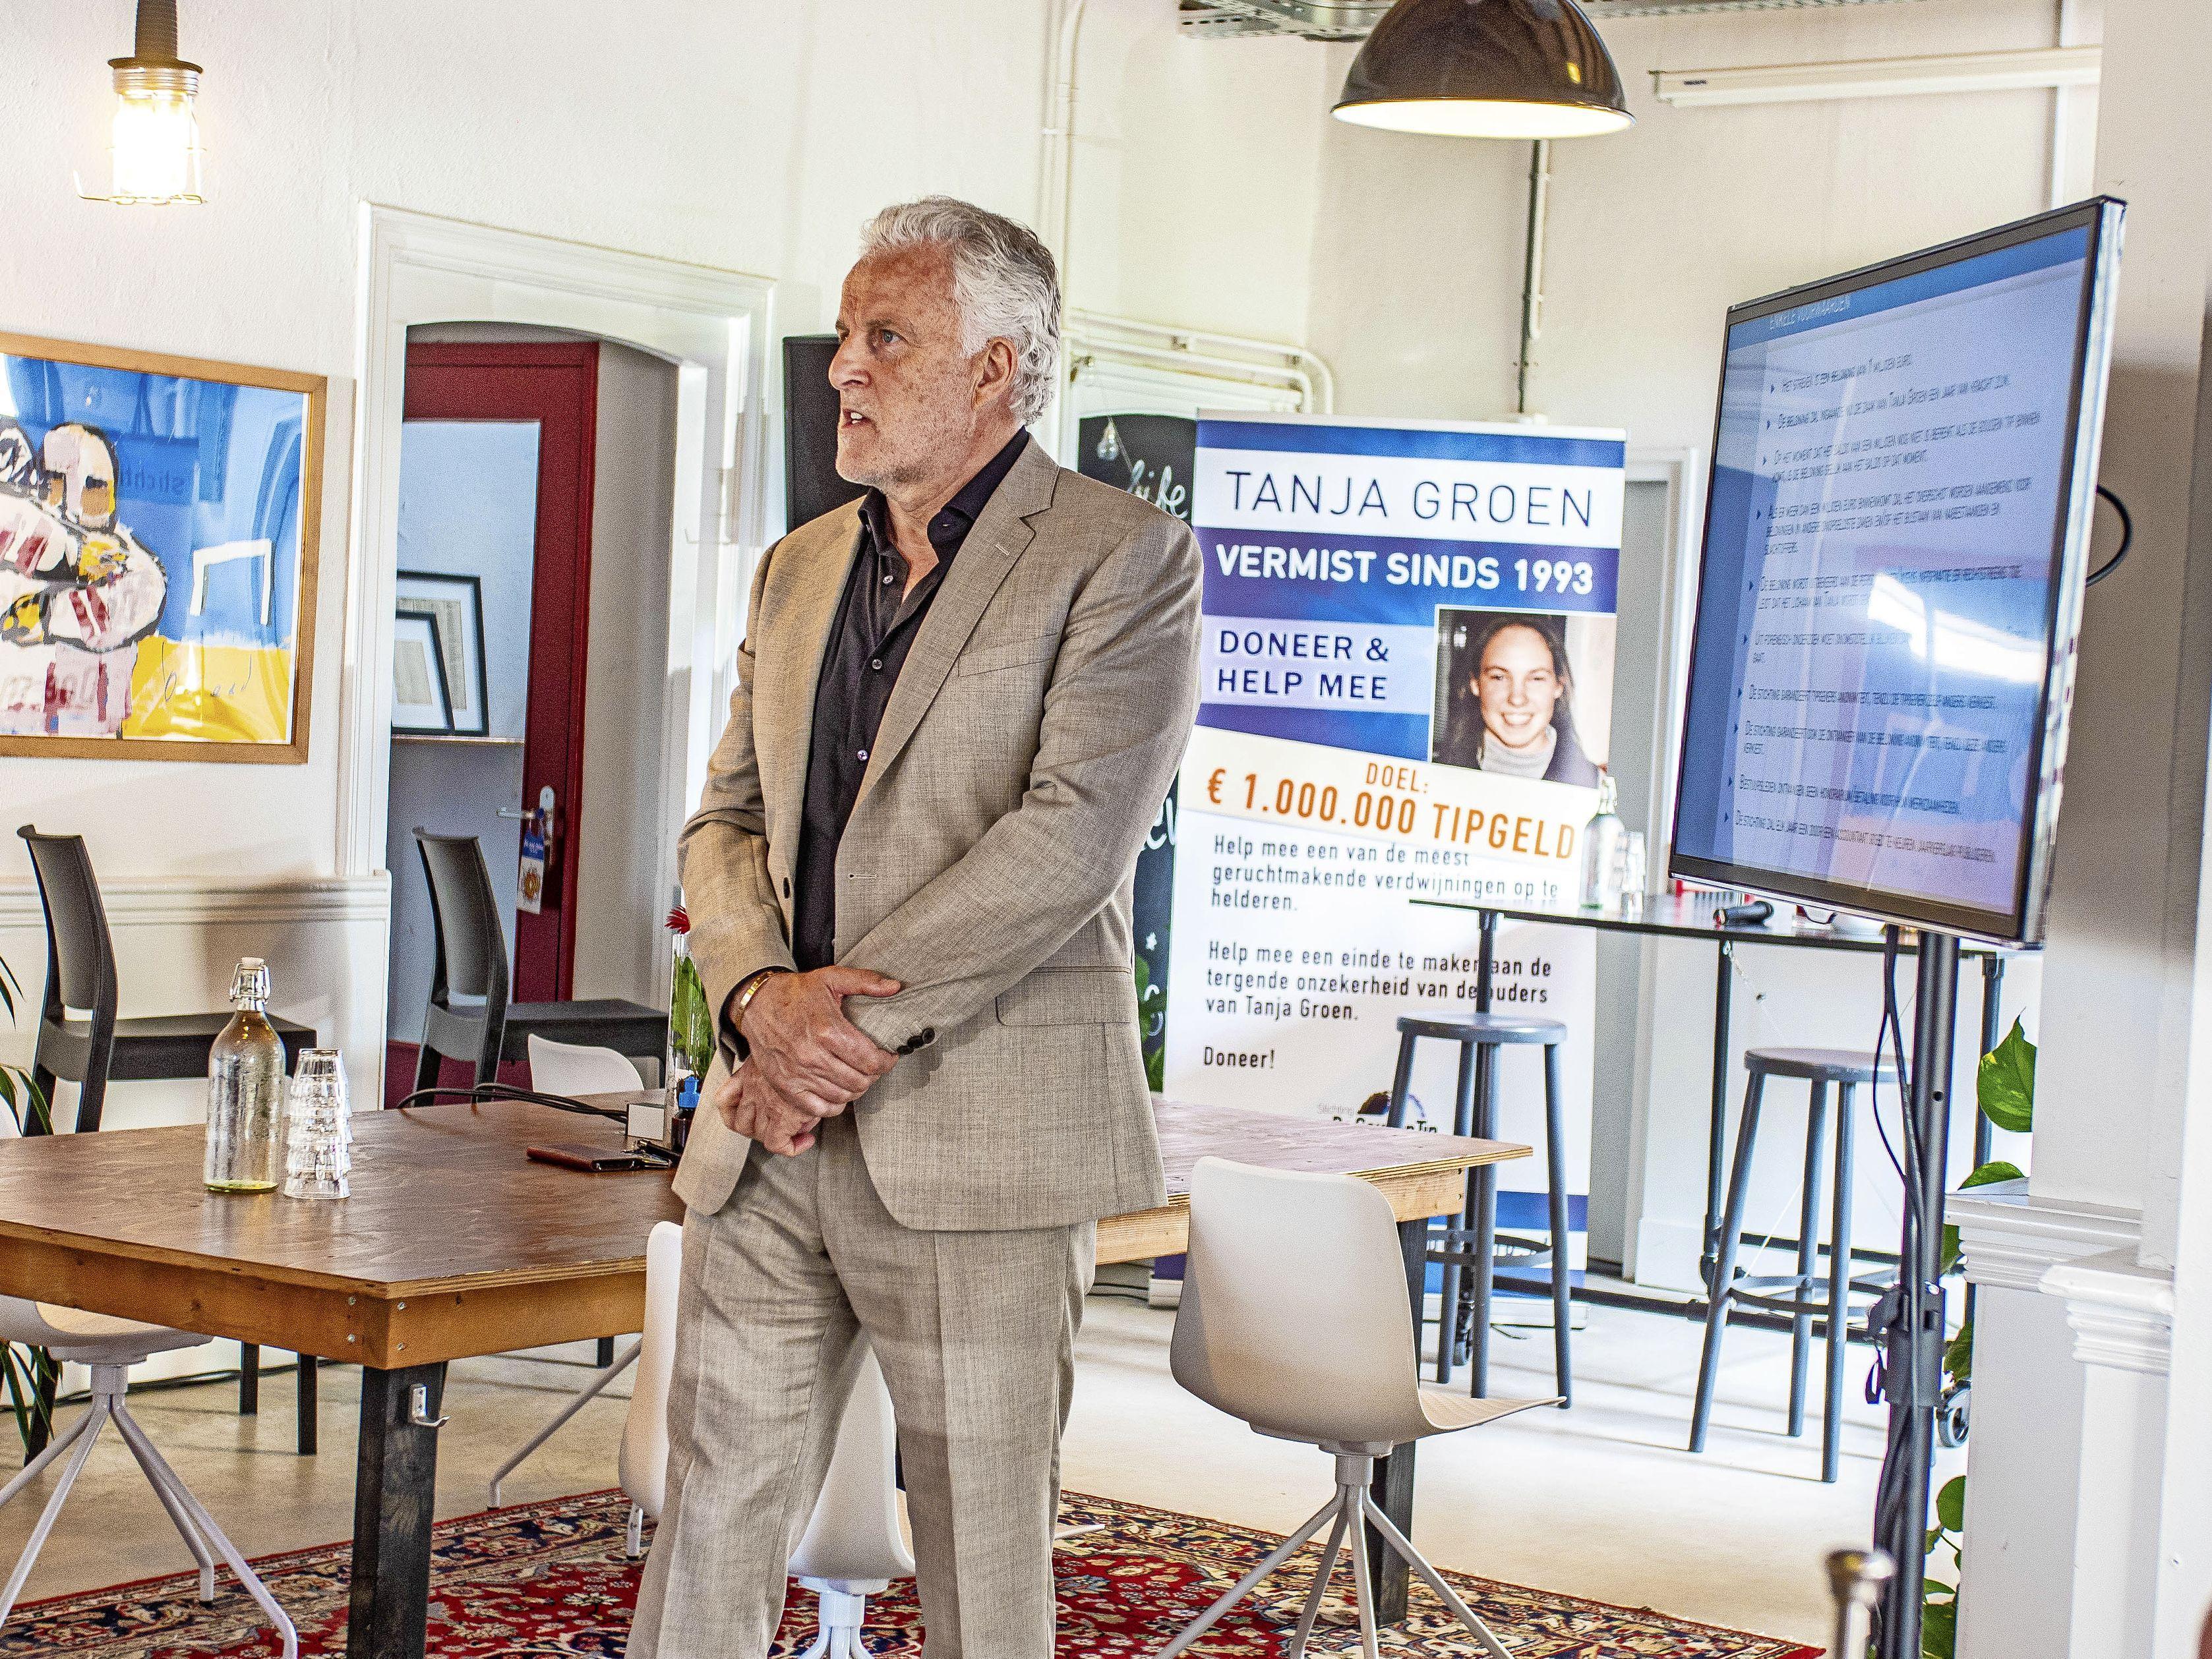 Het online opgehaalde bedrag voor Stichting De Gouden Tip is in vier dagen haast verdubbeld